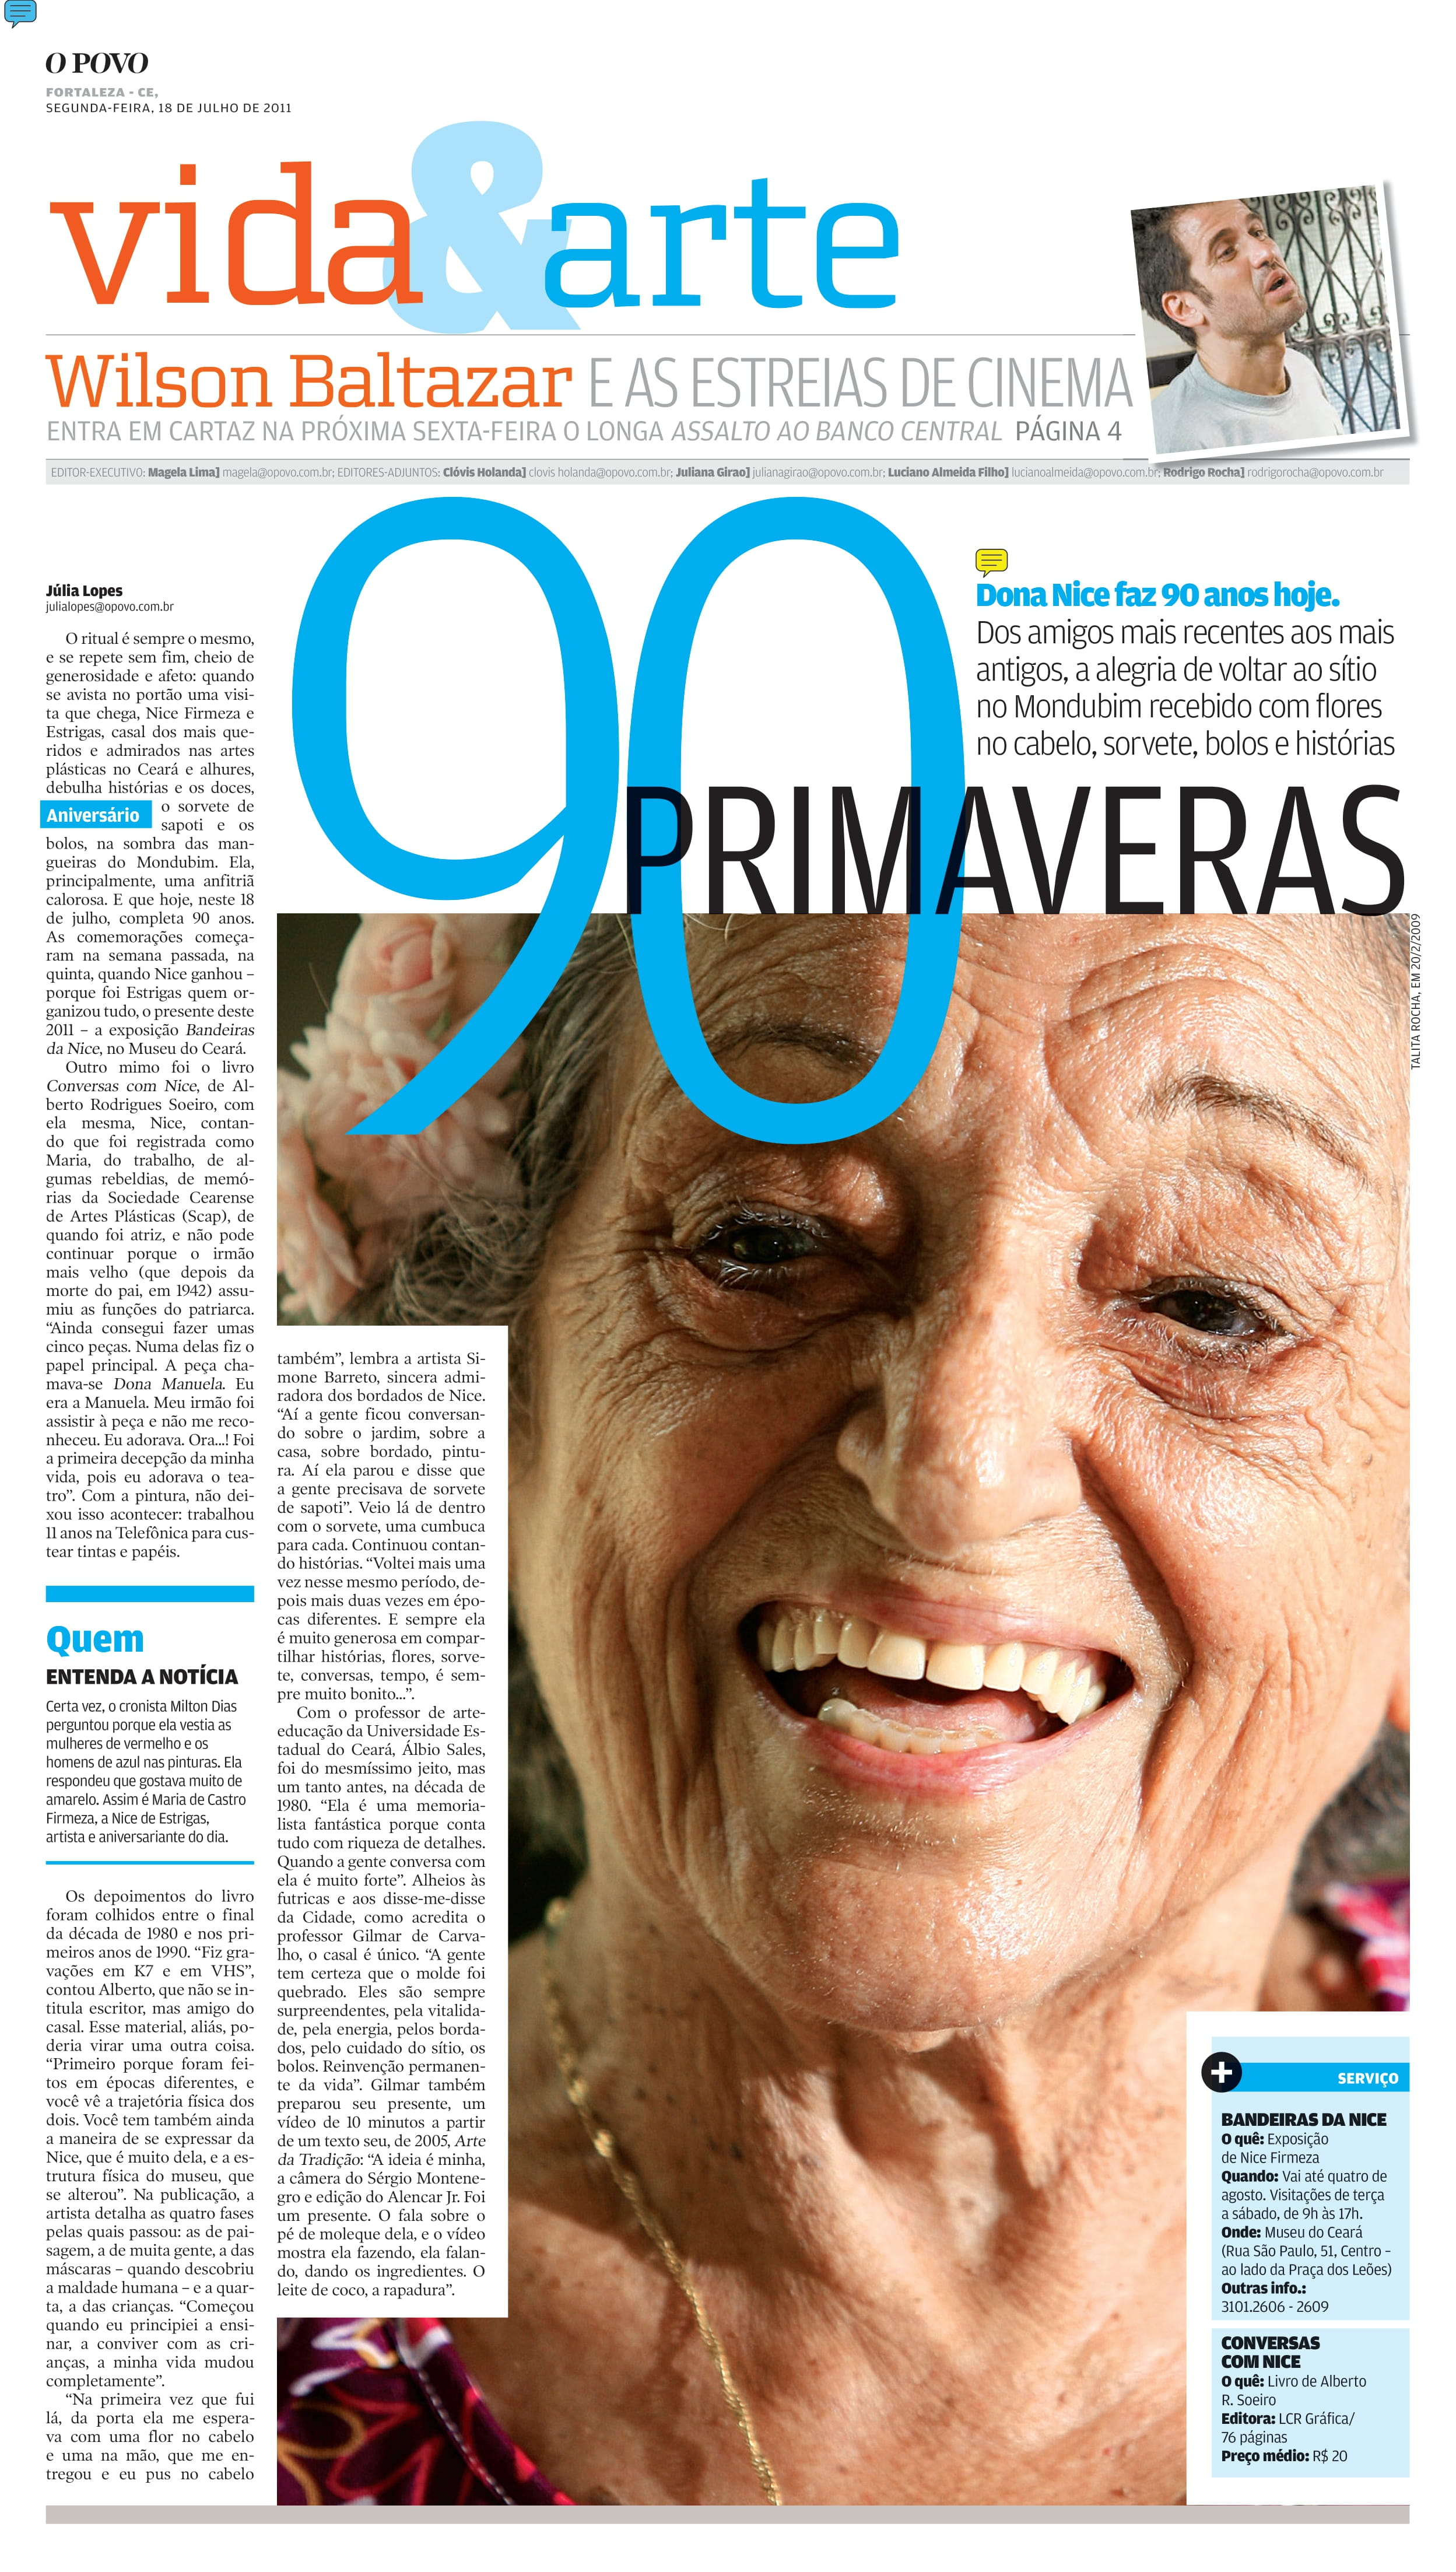 (Foto: DataDocOP / reprodução)90 anos de Nice foram marcados com matéria no V&A de 18/7/2011